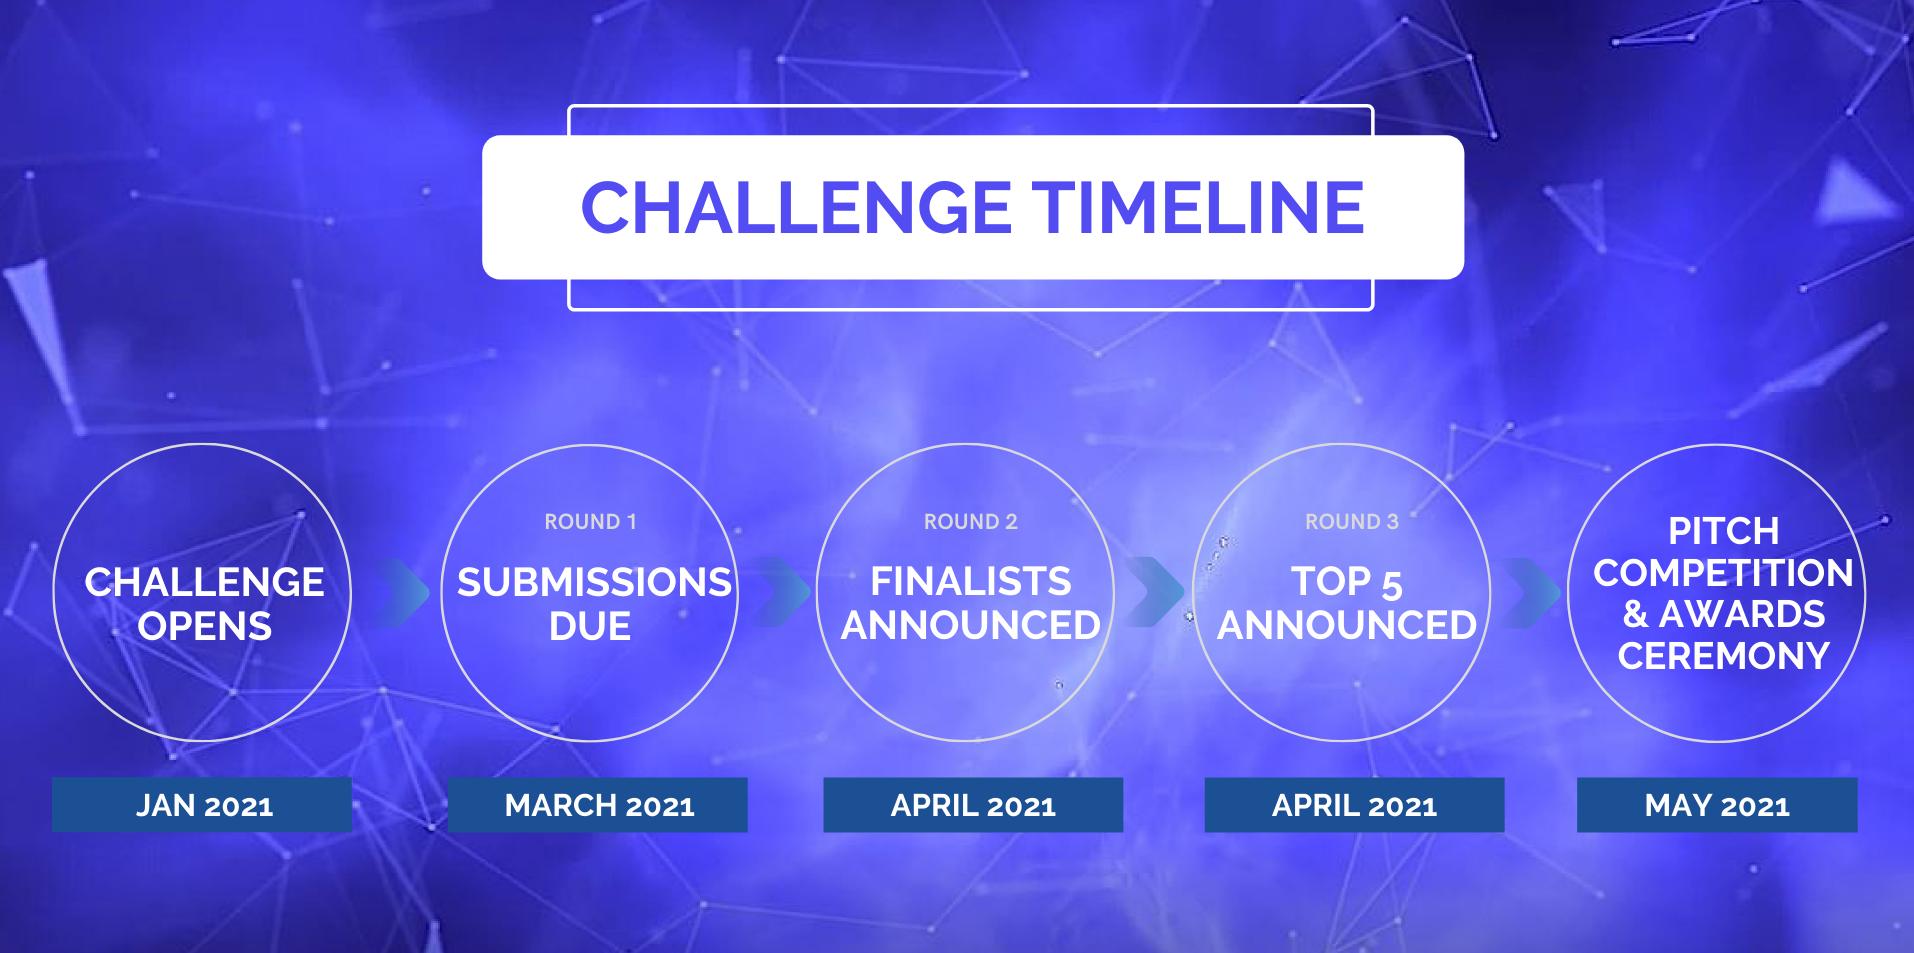 Challenge Timeline